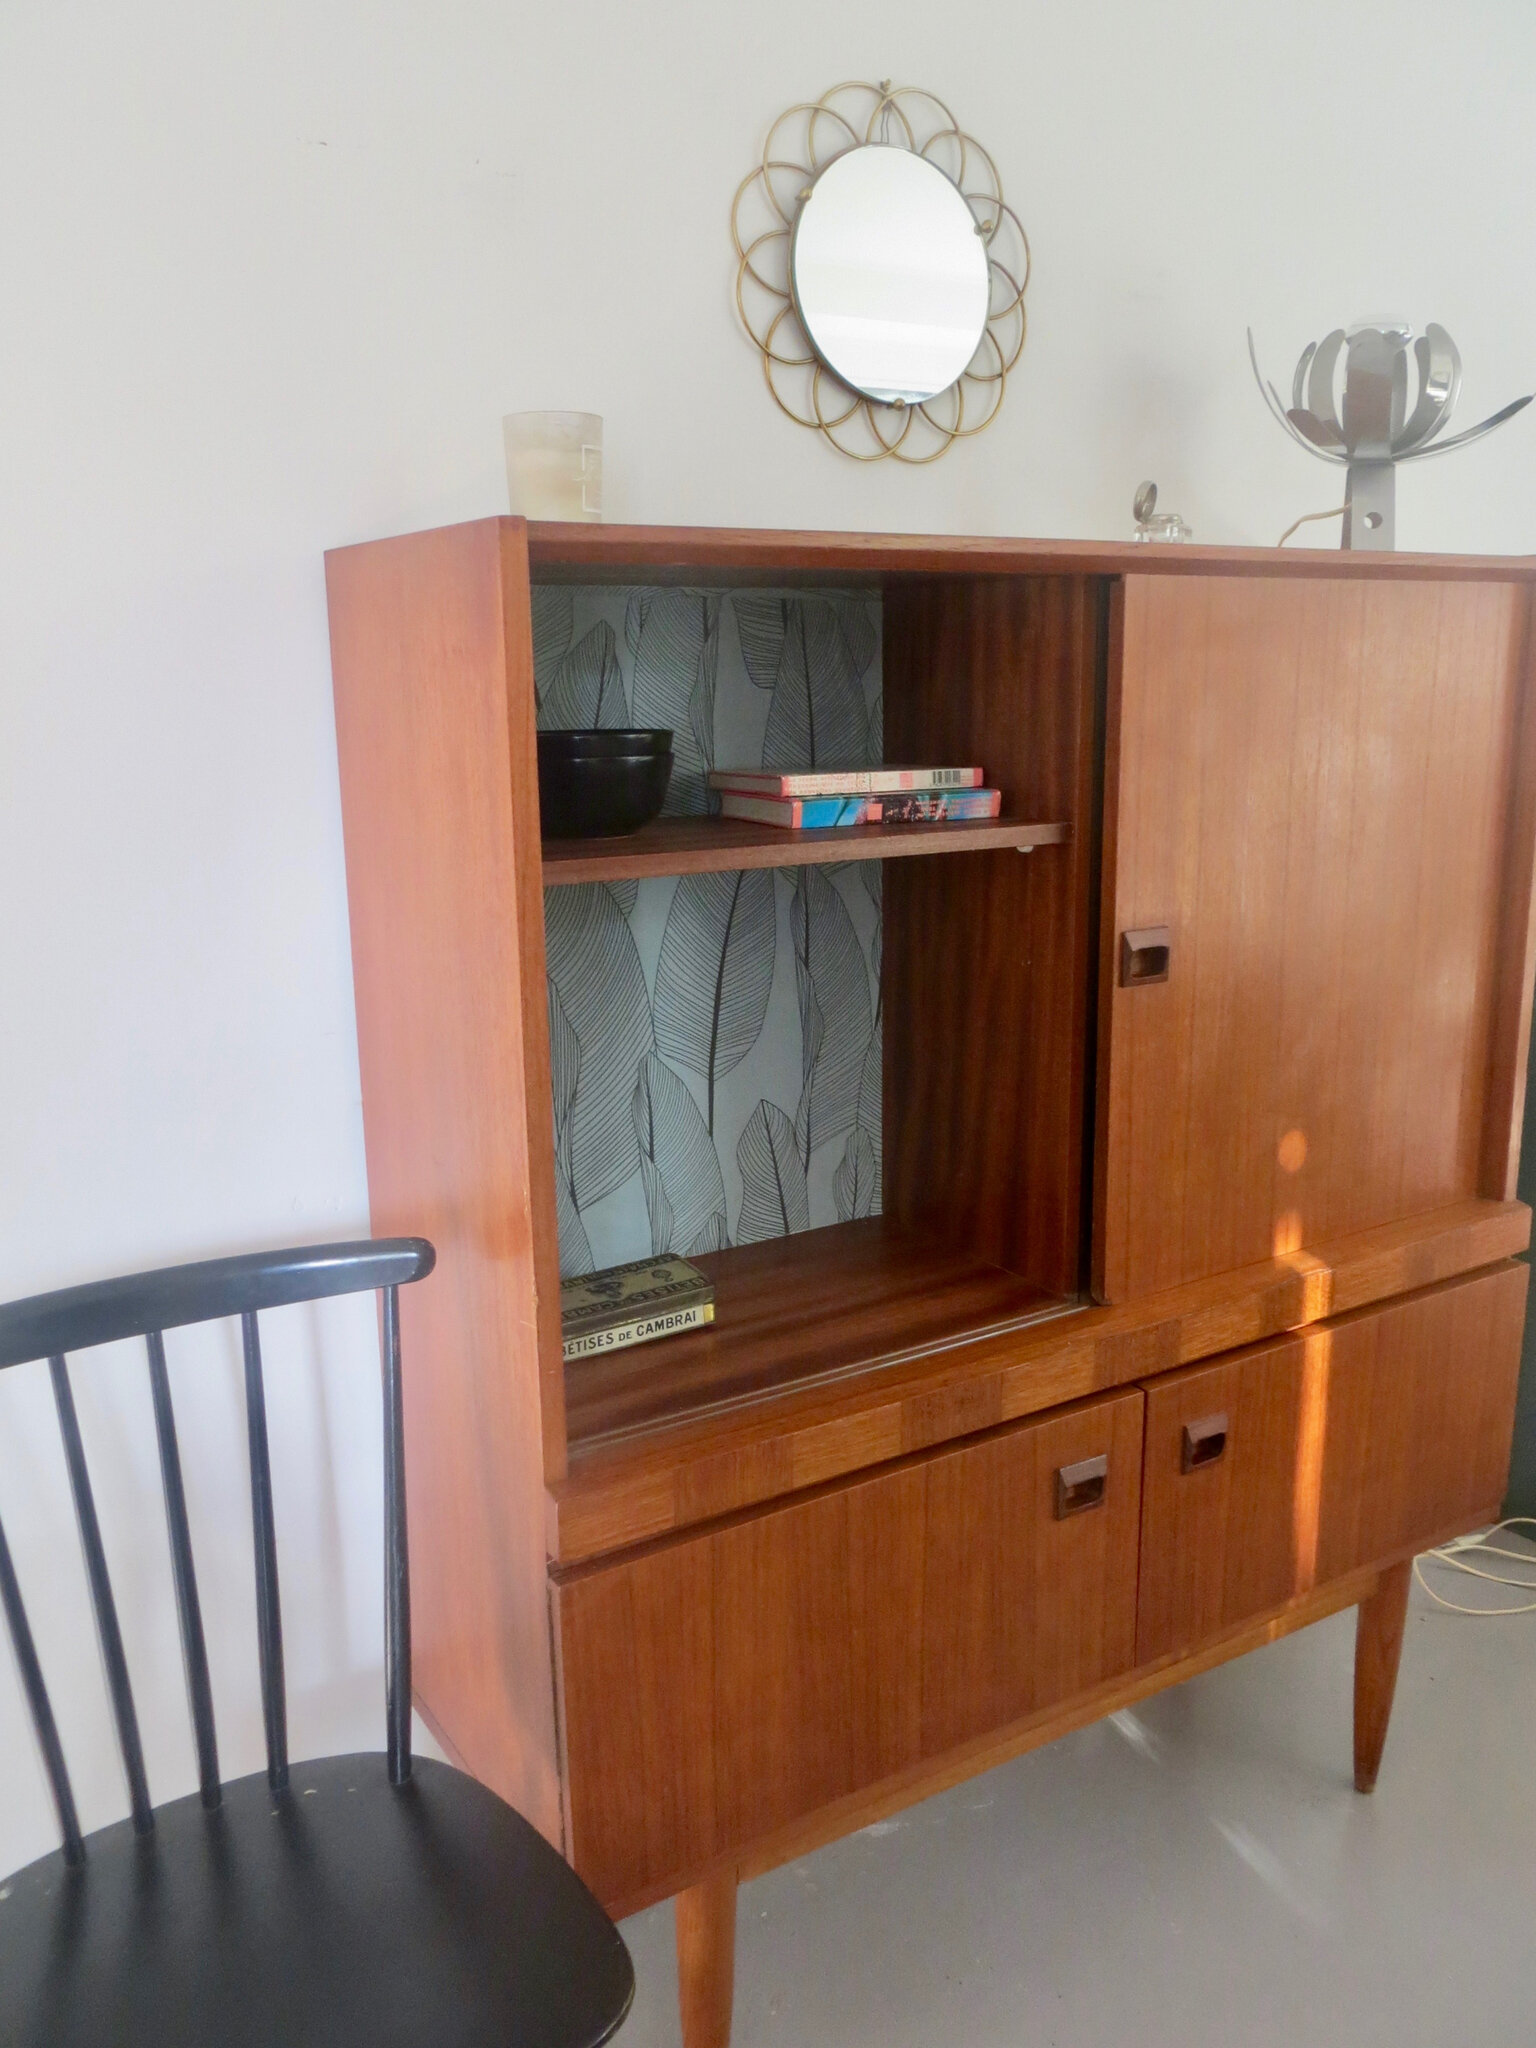 tags armoire parisienne brocante en ligne enfilade scandinave meuble vintage meubles vintage